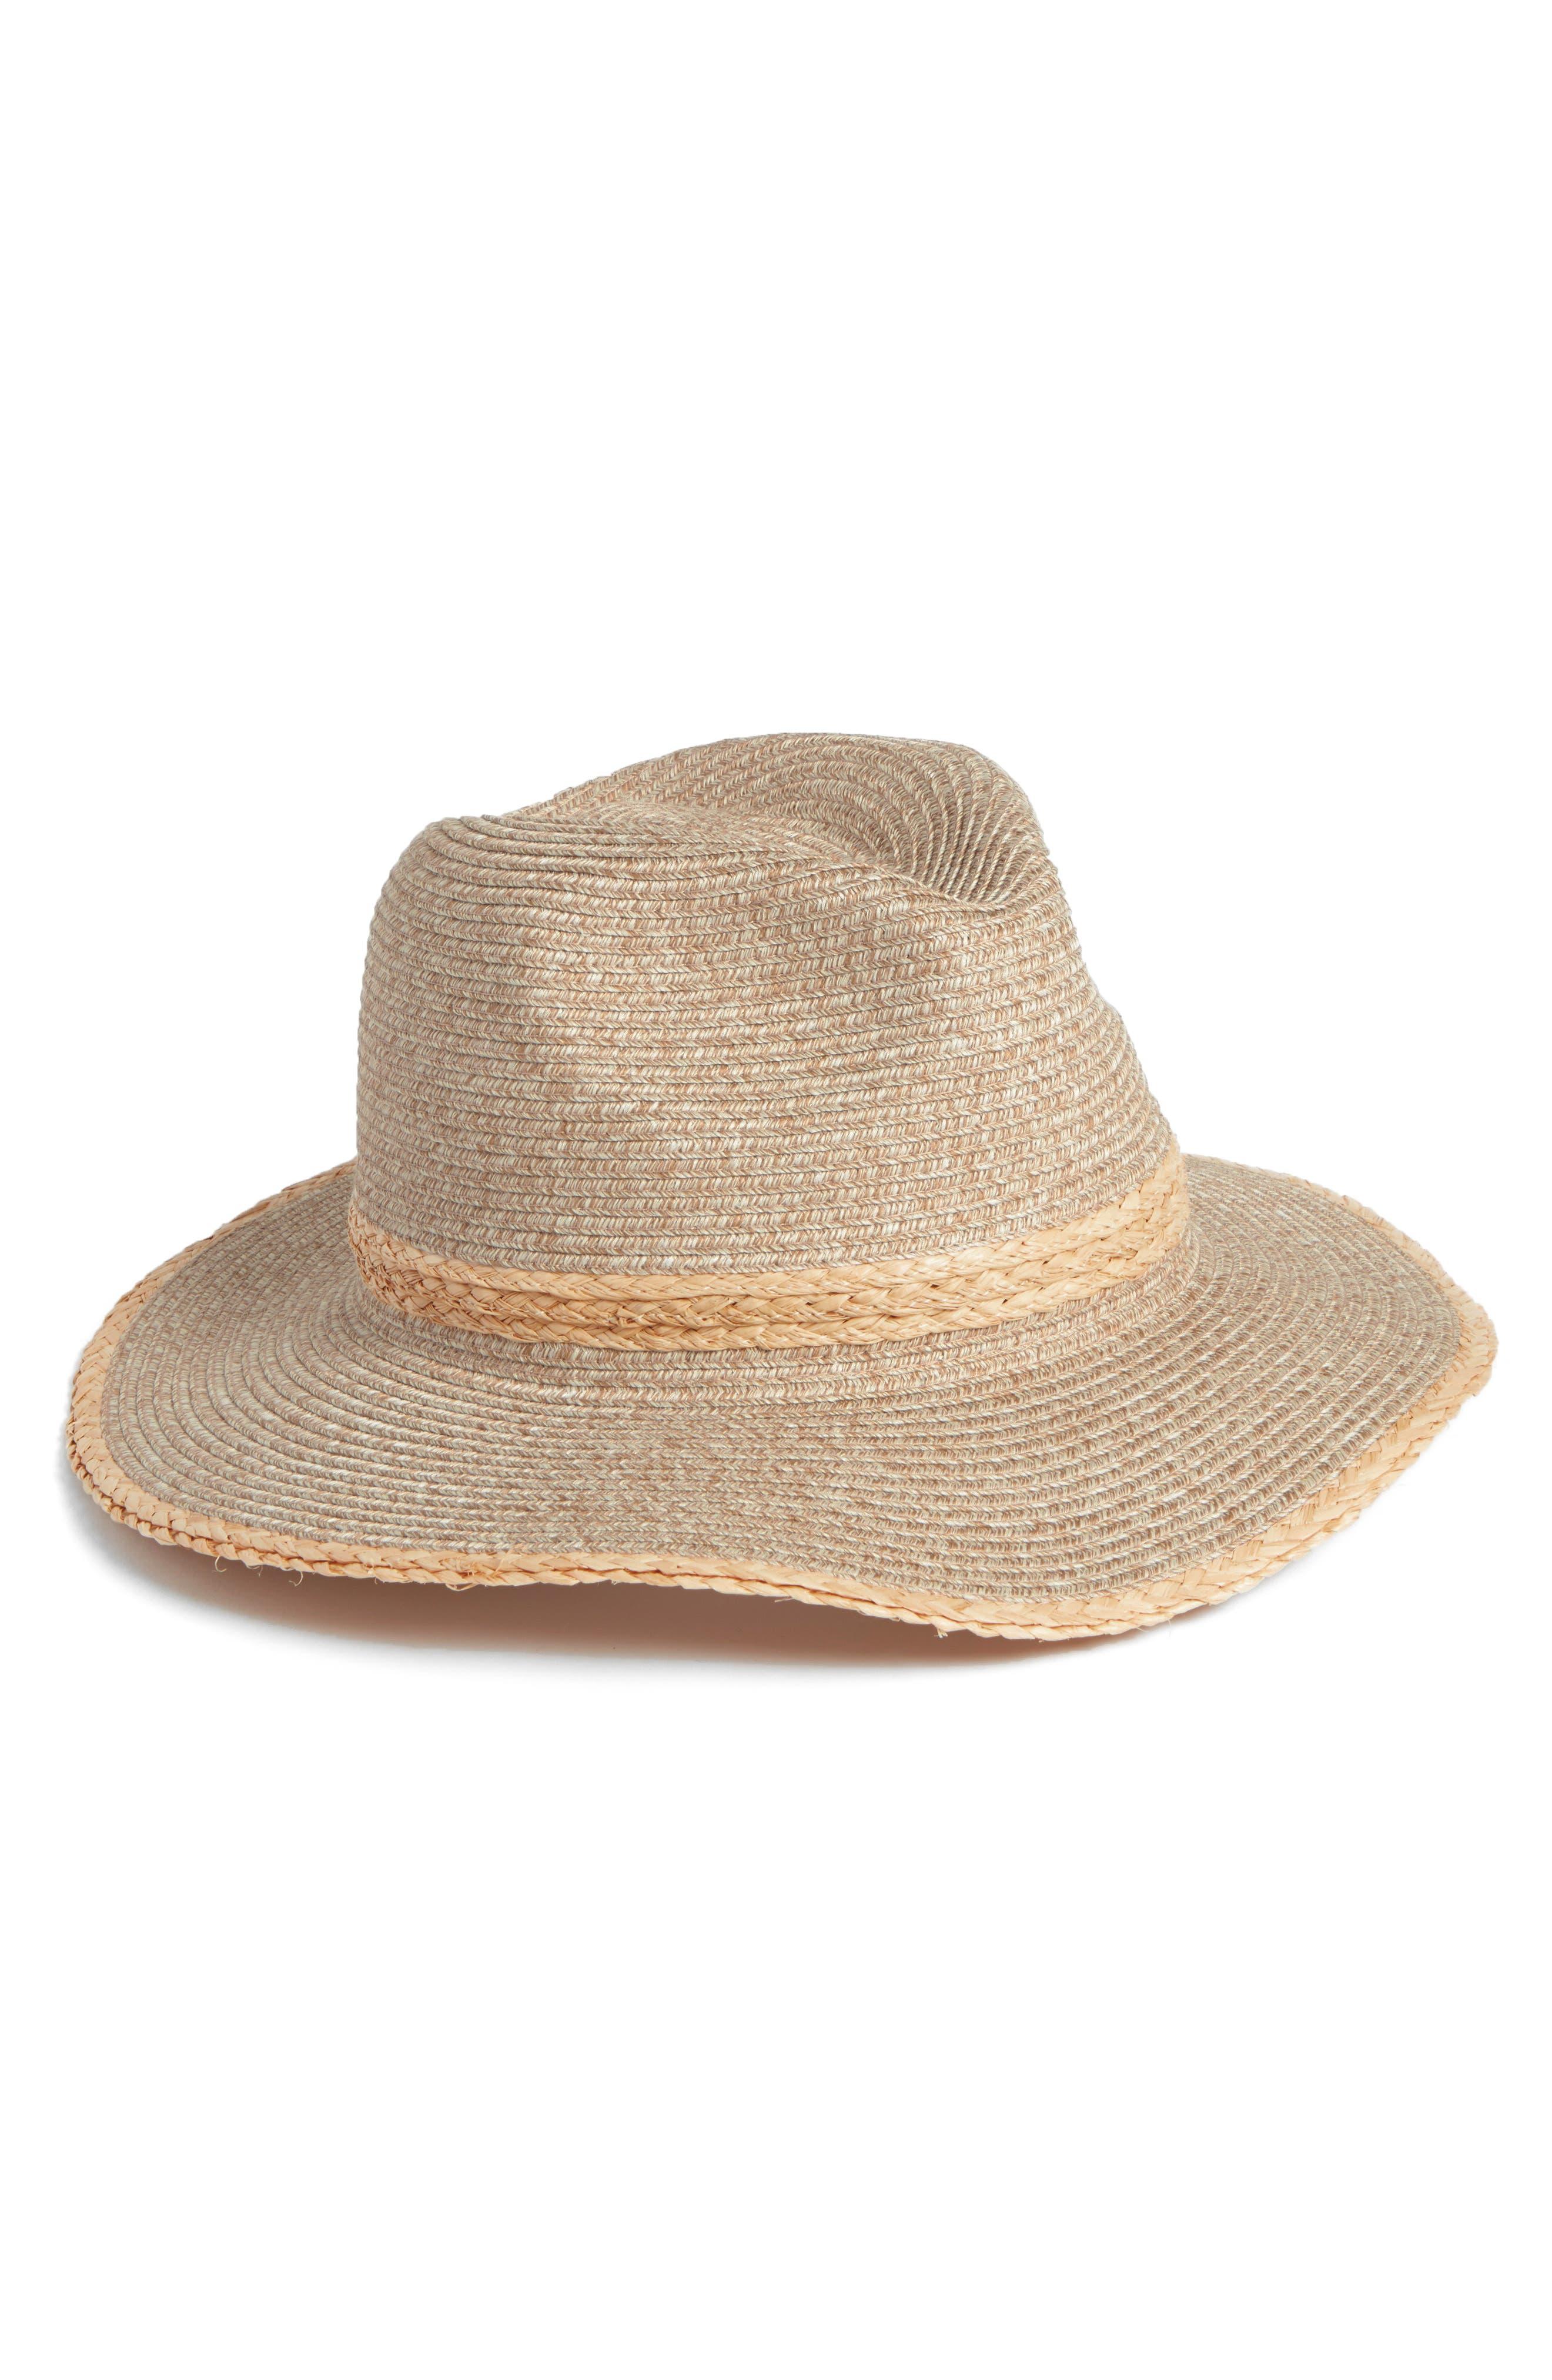 Caslon<sup>®</sup> Packable Panama Hat,                             Main thumbnail 1, color,                             235